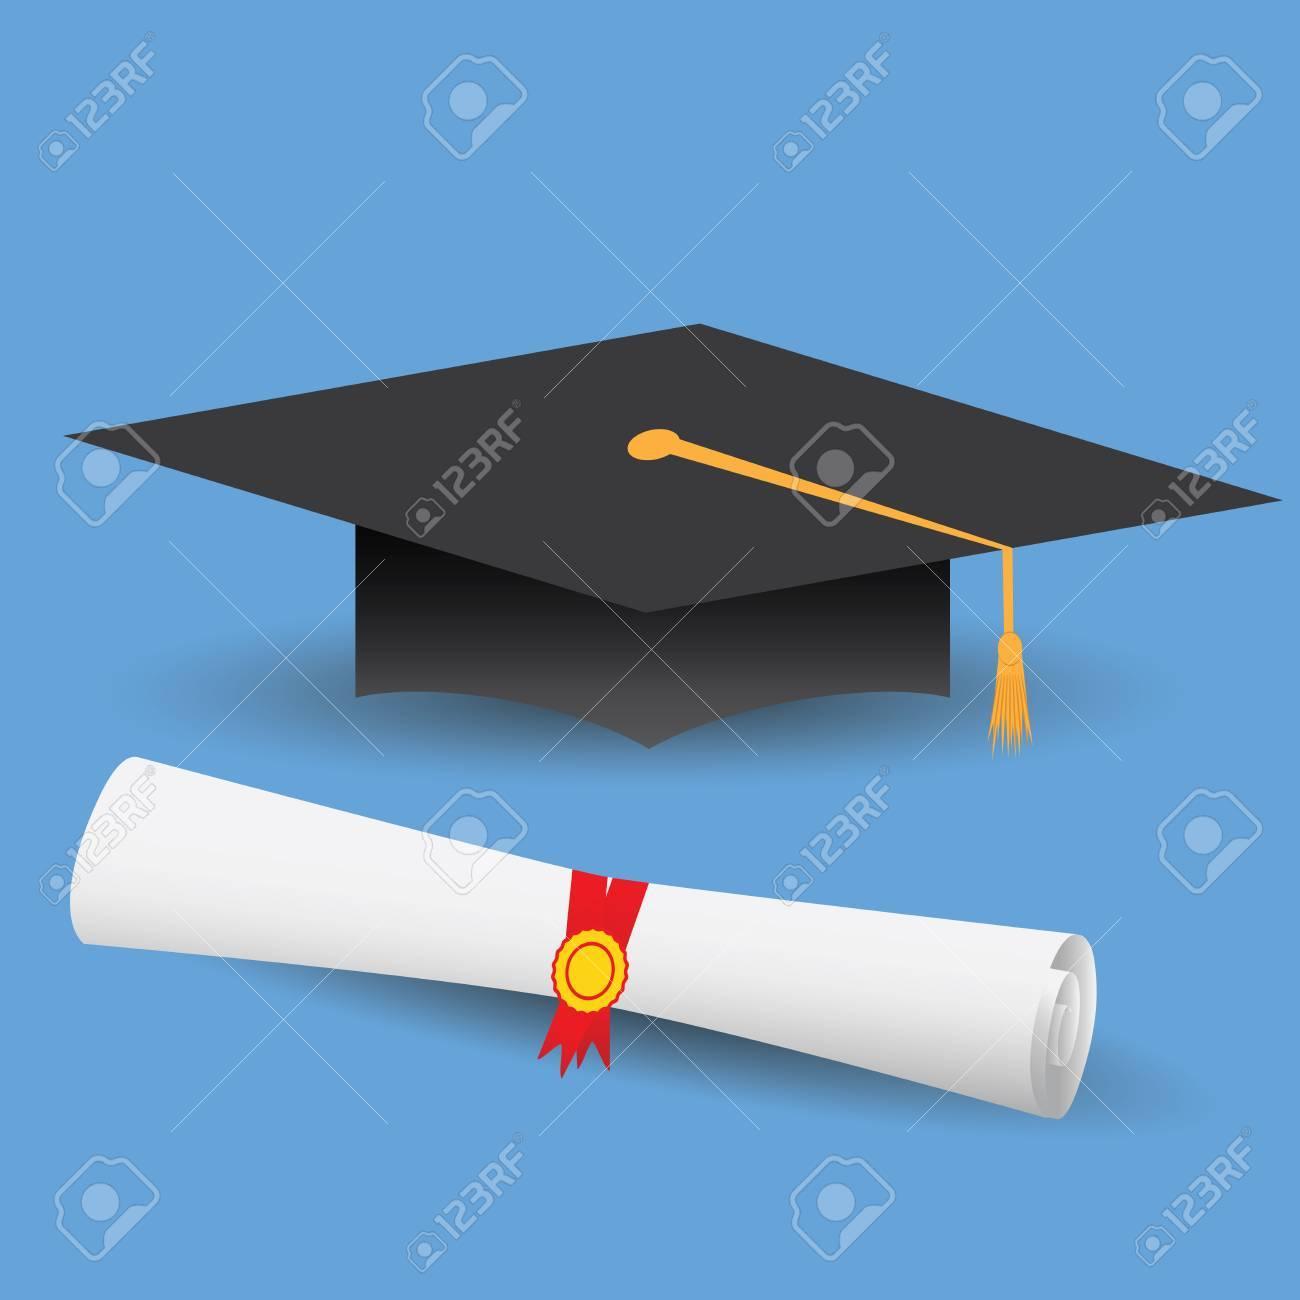 Diseño plano moderna ilustración de tapa de graduación y diploma. Foto de  archivo - 66092107 bed2adc9849